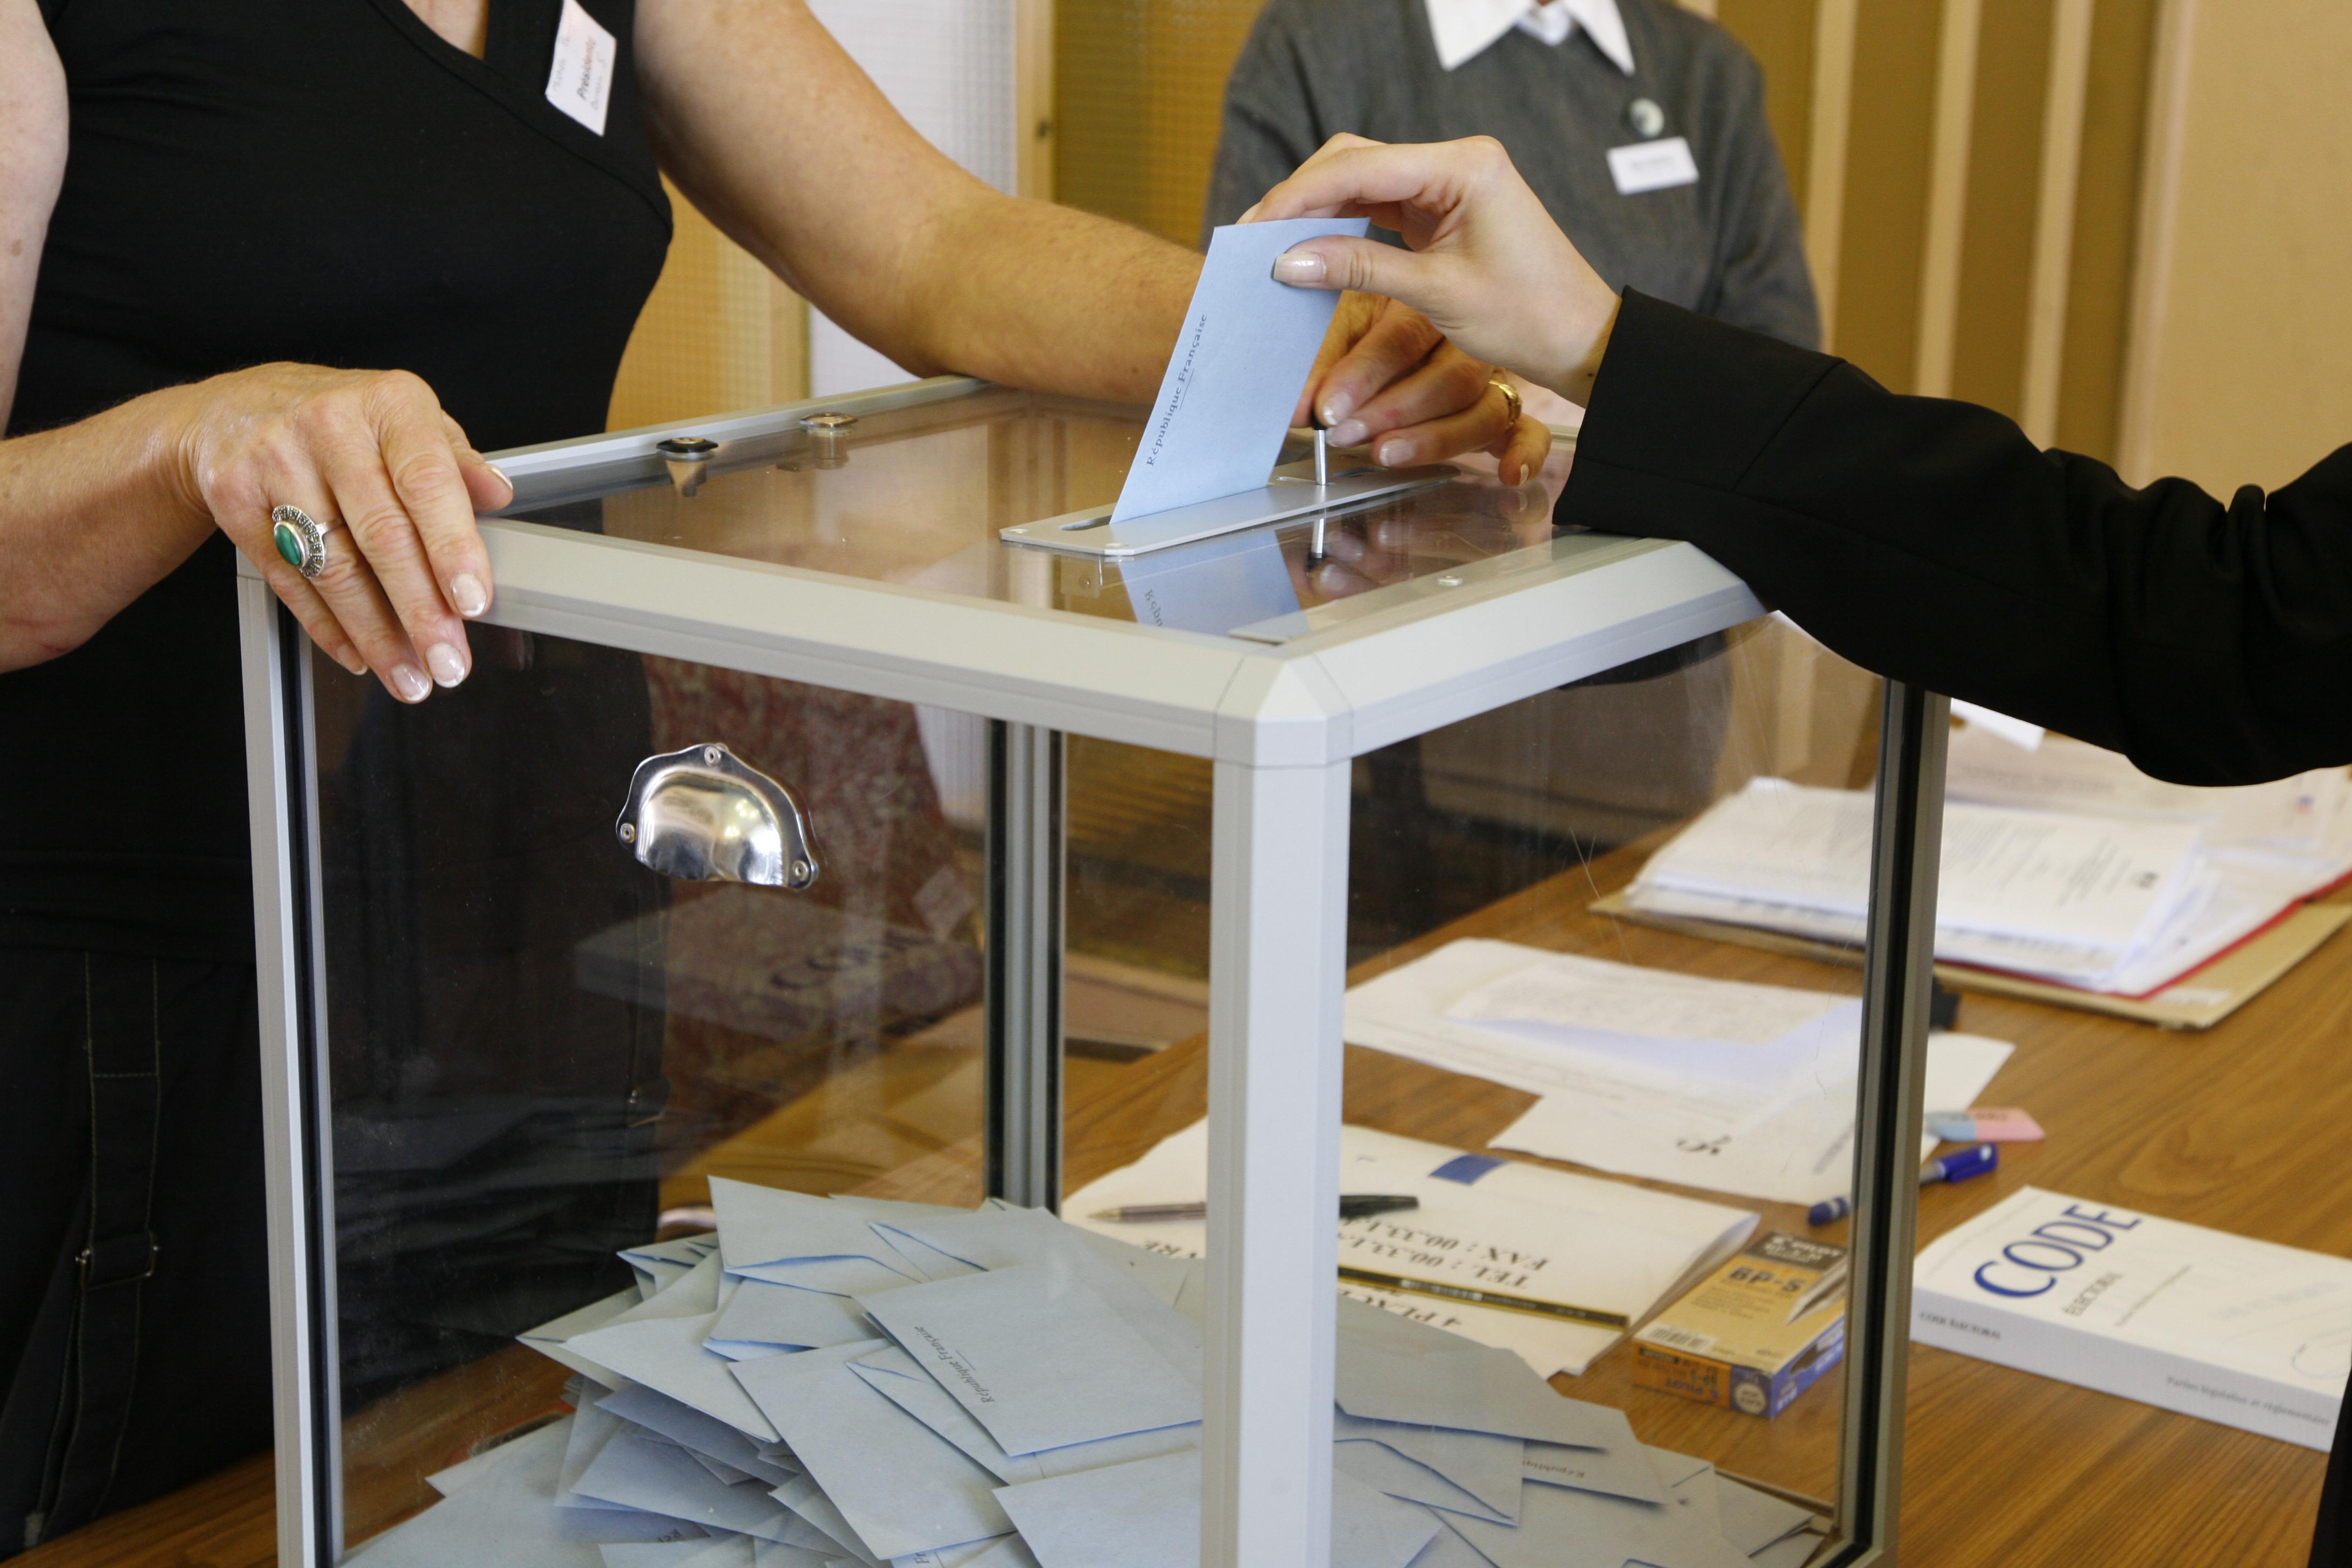 la polemique sur le maintien du 1er tour des elections municipales se poursuit sur les reseaux sociaux